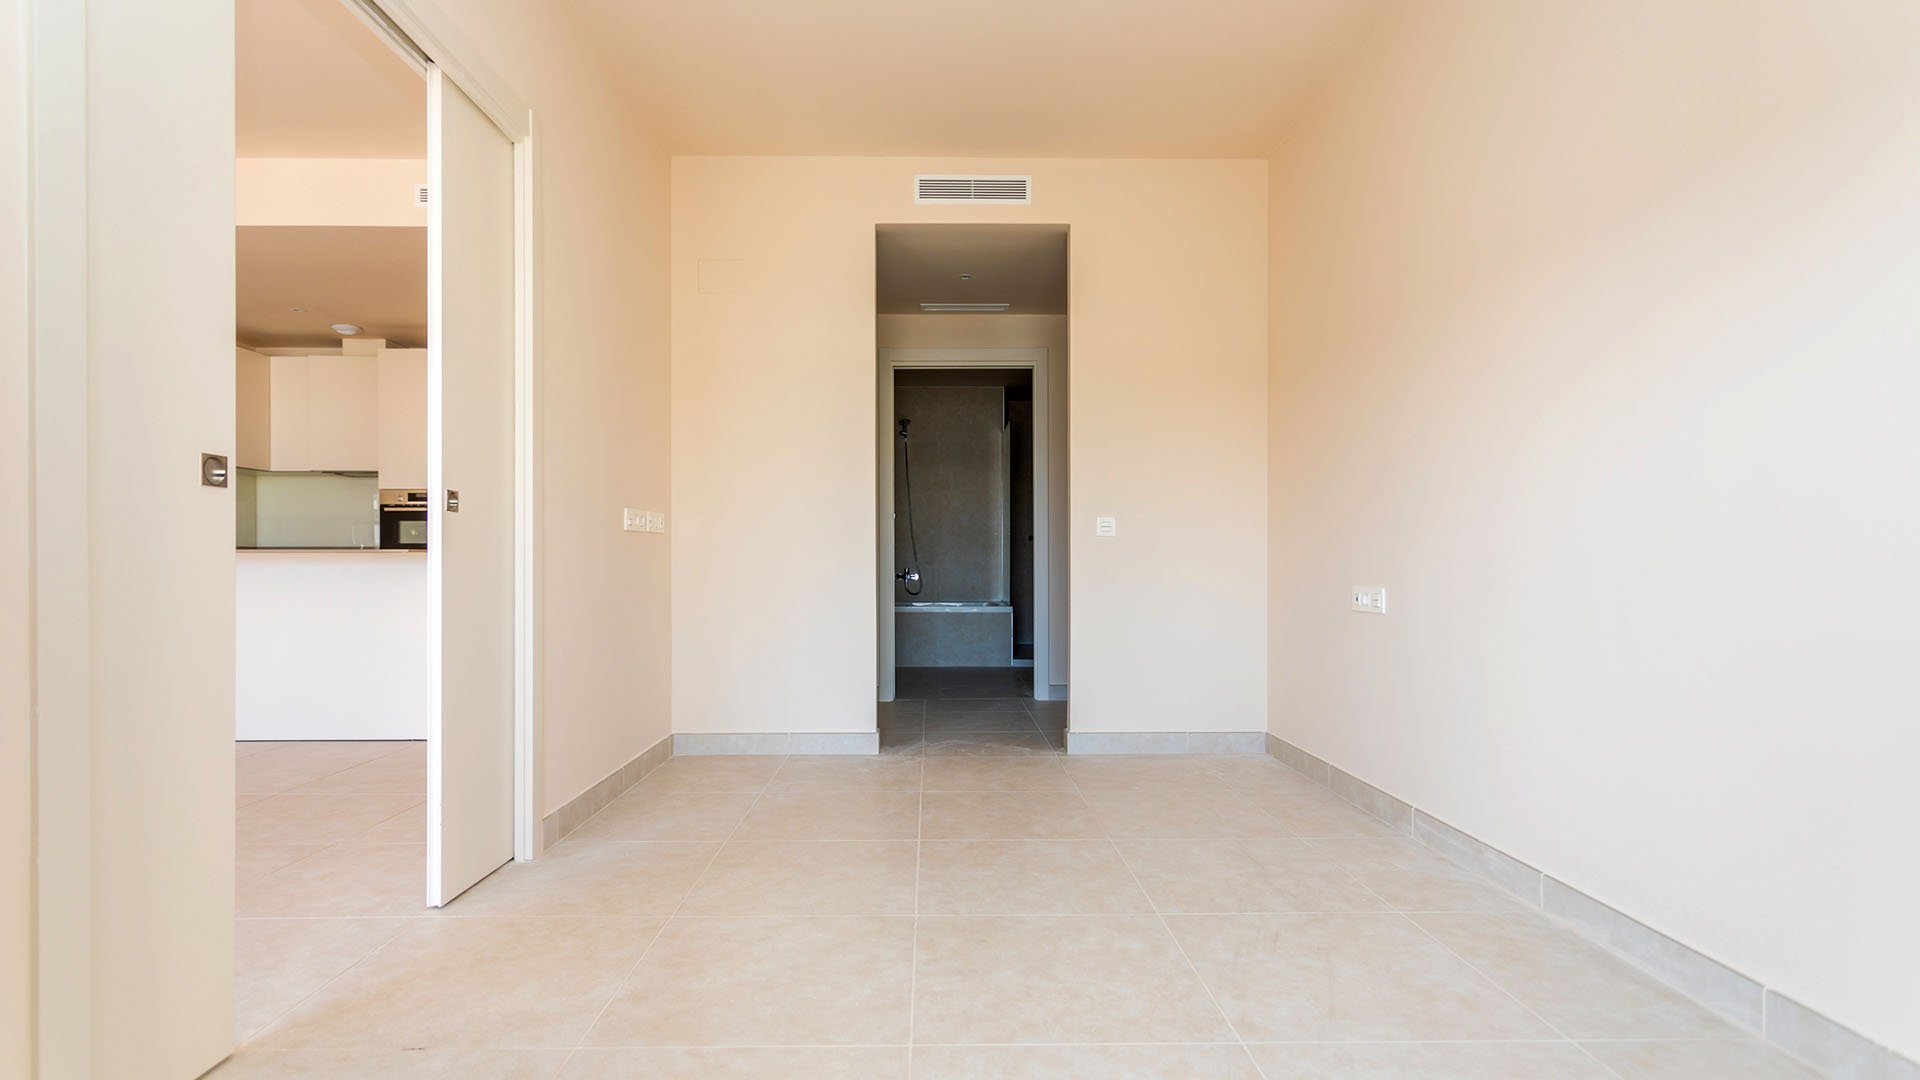 Lotus Jardinana: Moderne appartementen in Mijas met resort voorzieningen